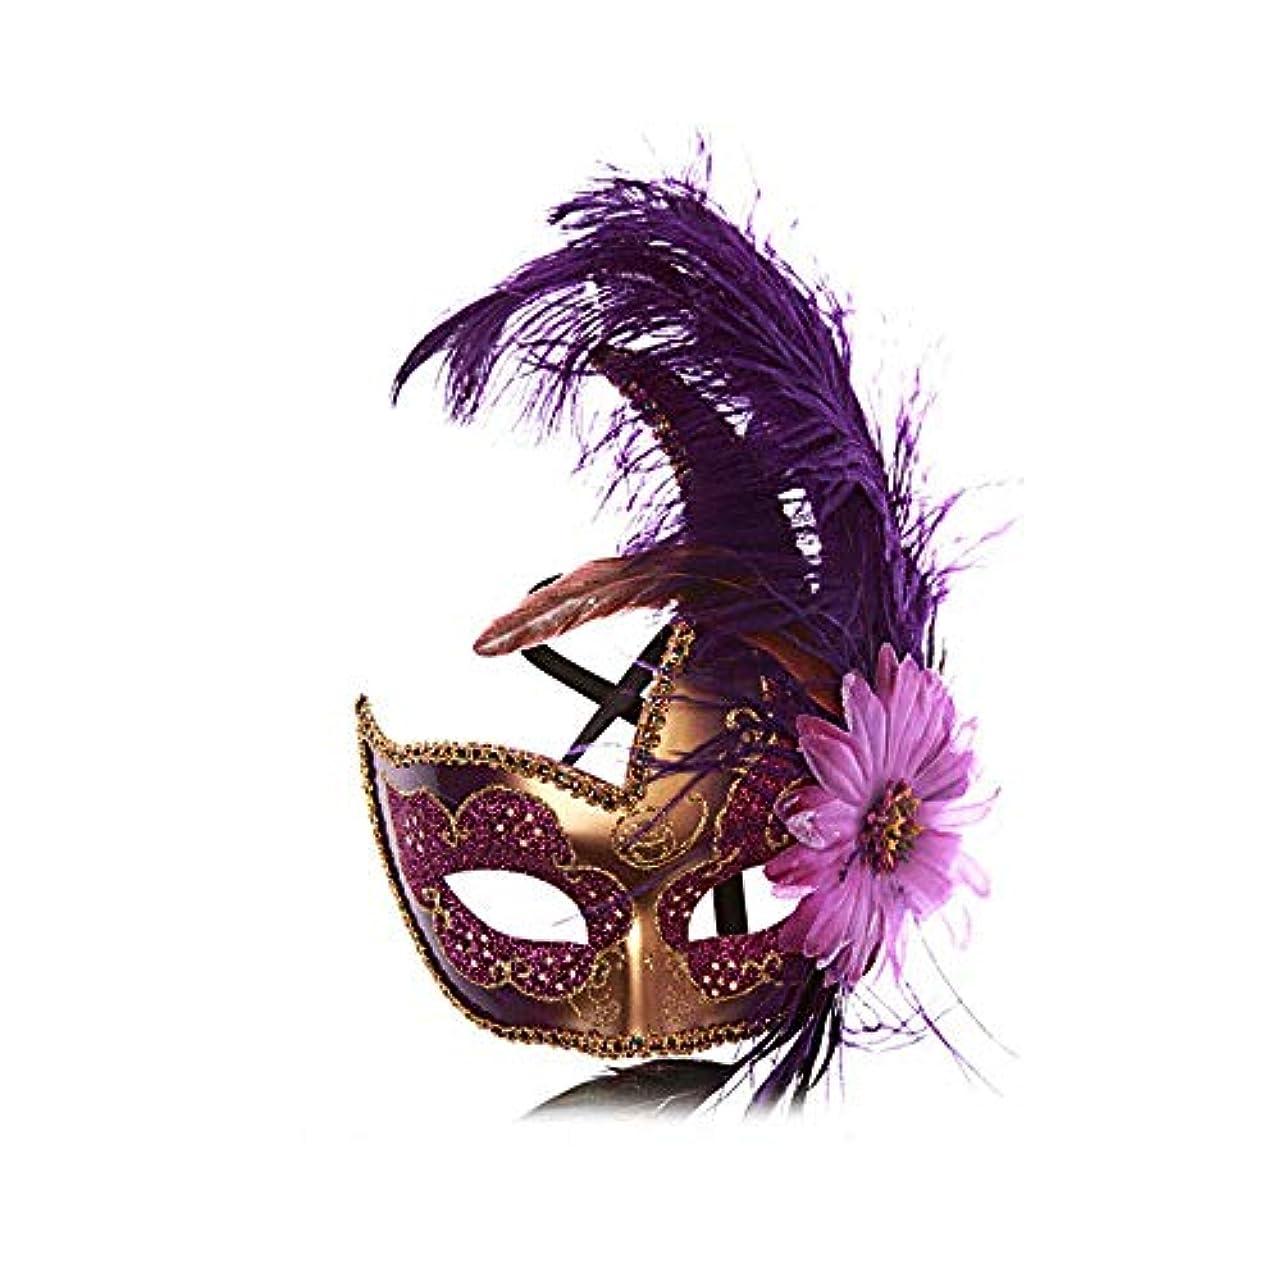 完璧なイライラする免除Nanle ハロウィンマスクハーフフェザーマスクベニスプリンセスマスク美容レース仮面ライダーコスプレ (色 : Style B purple)